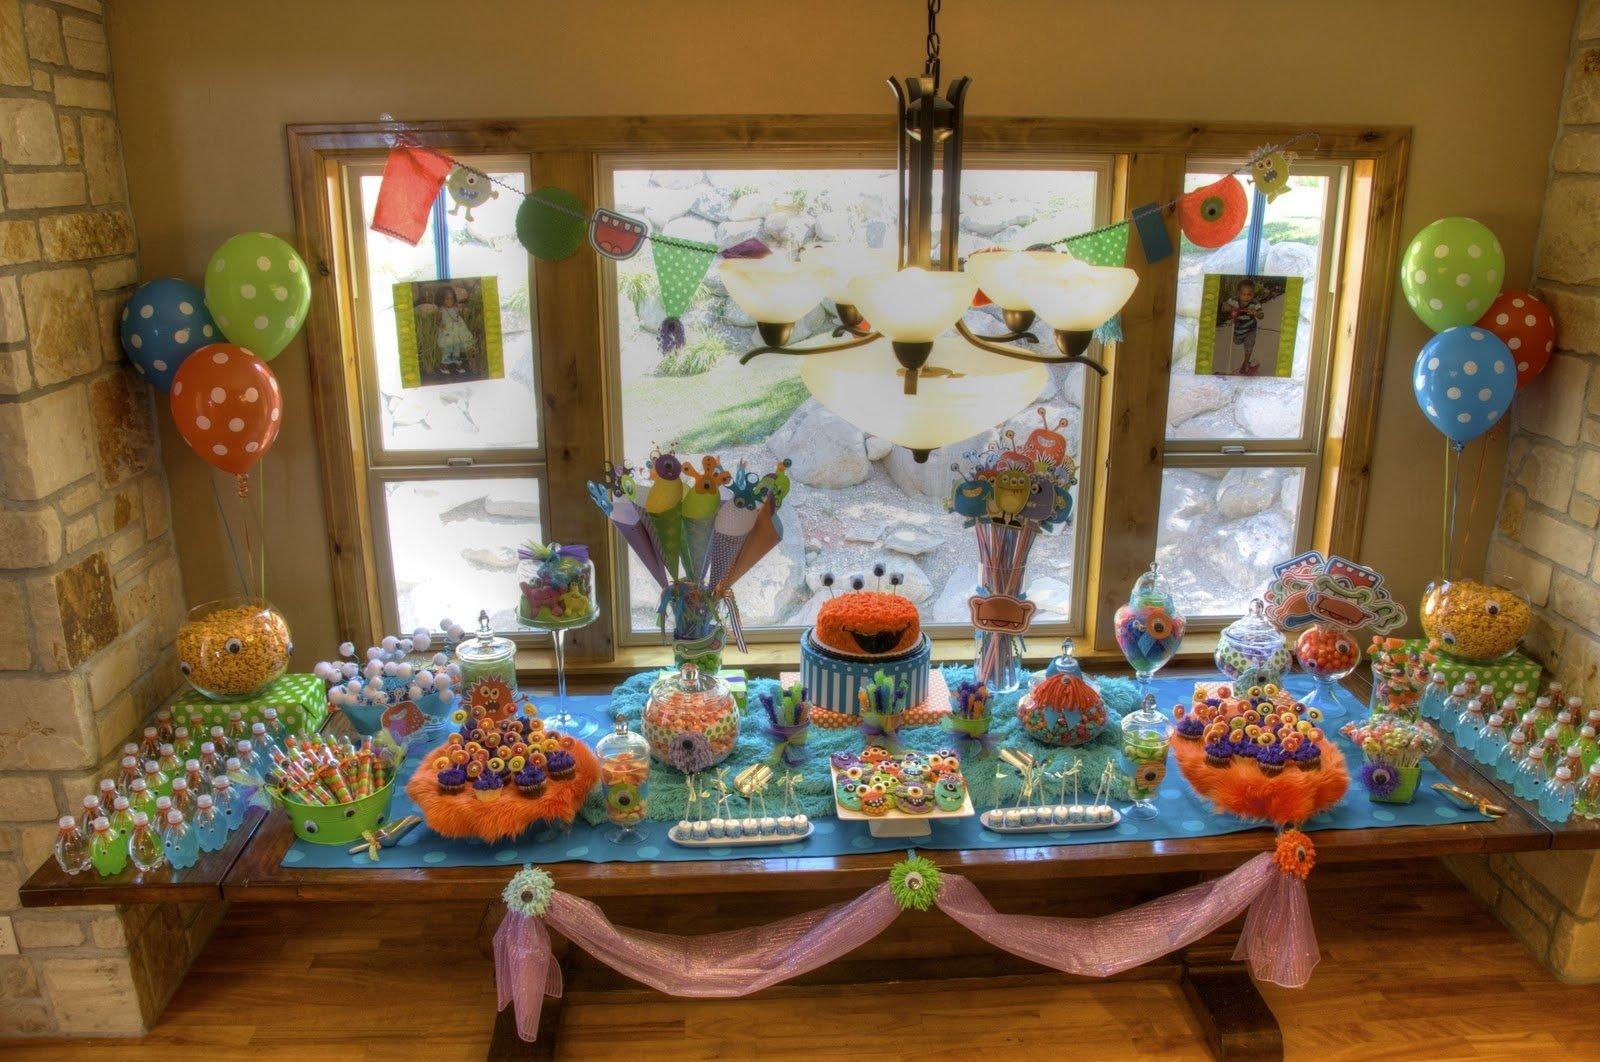 10 Stylish 7 Yr Old Boy Birthday Party Ideas themes birthday 7 year old birthday party ideas boy with 7 year 3 2021